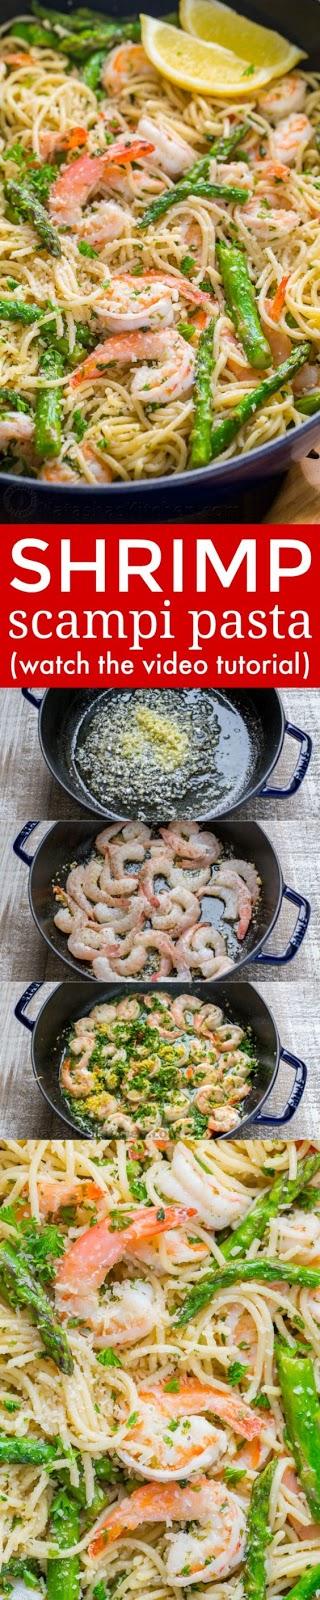 Shrimp Scampi Pasta with Asparagus